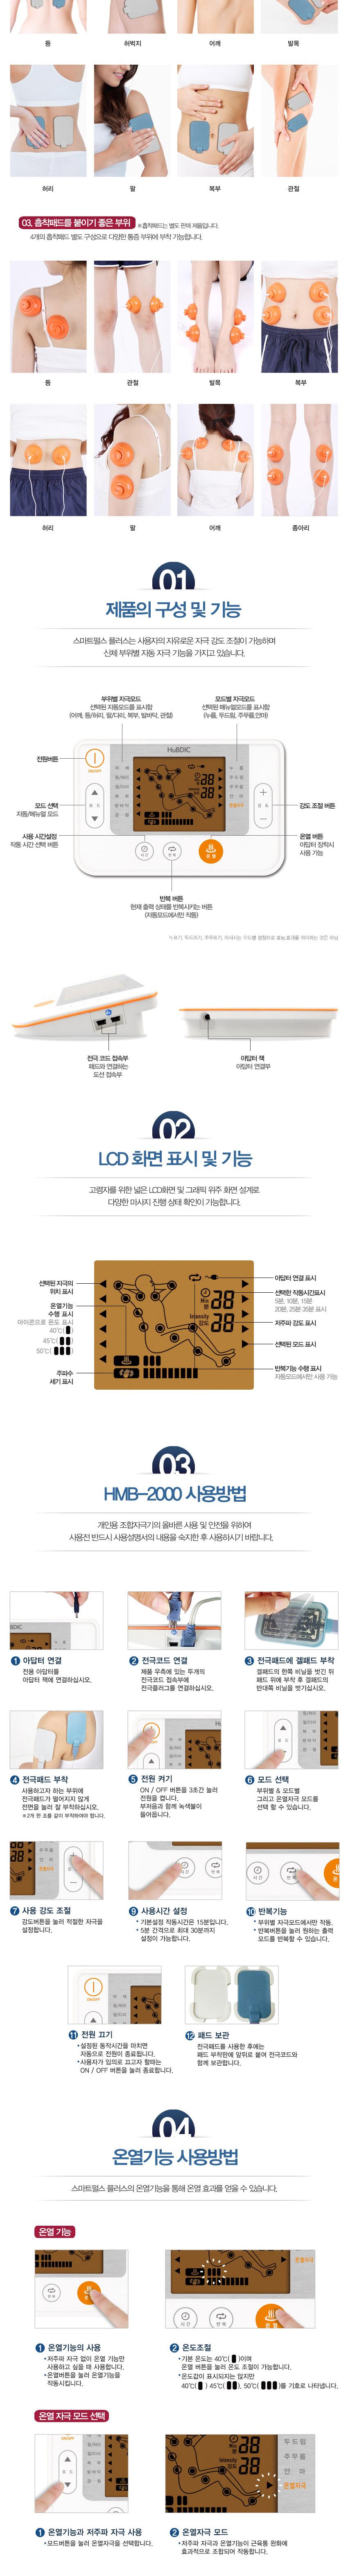 휴비딕 개인용 조합 자극기 스마트펄스 플러스 HMB-2000 1